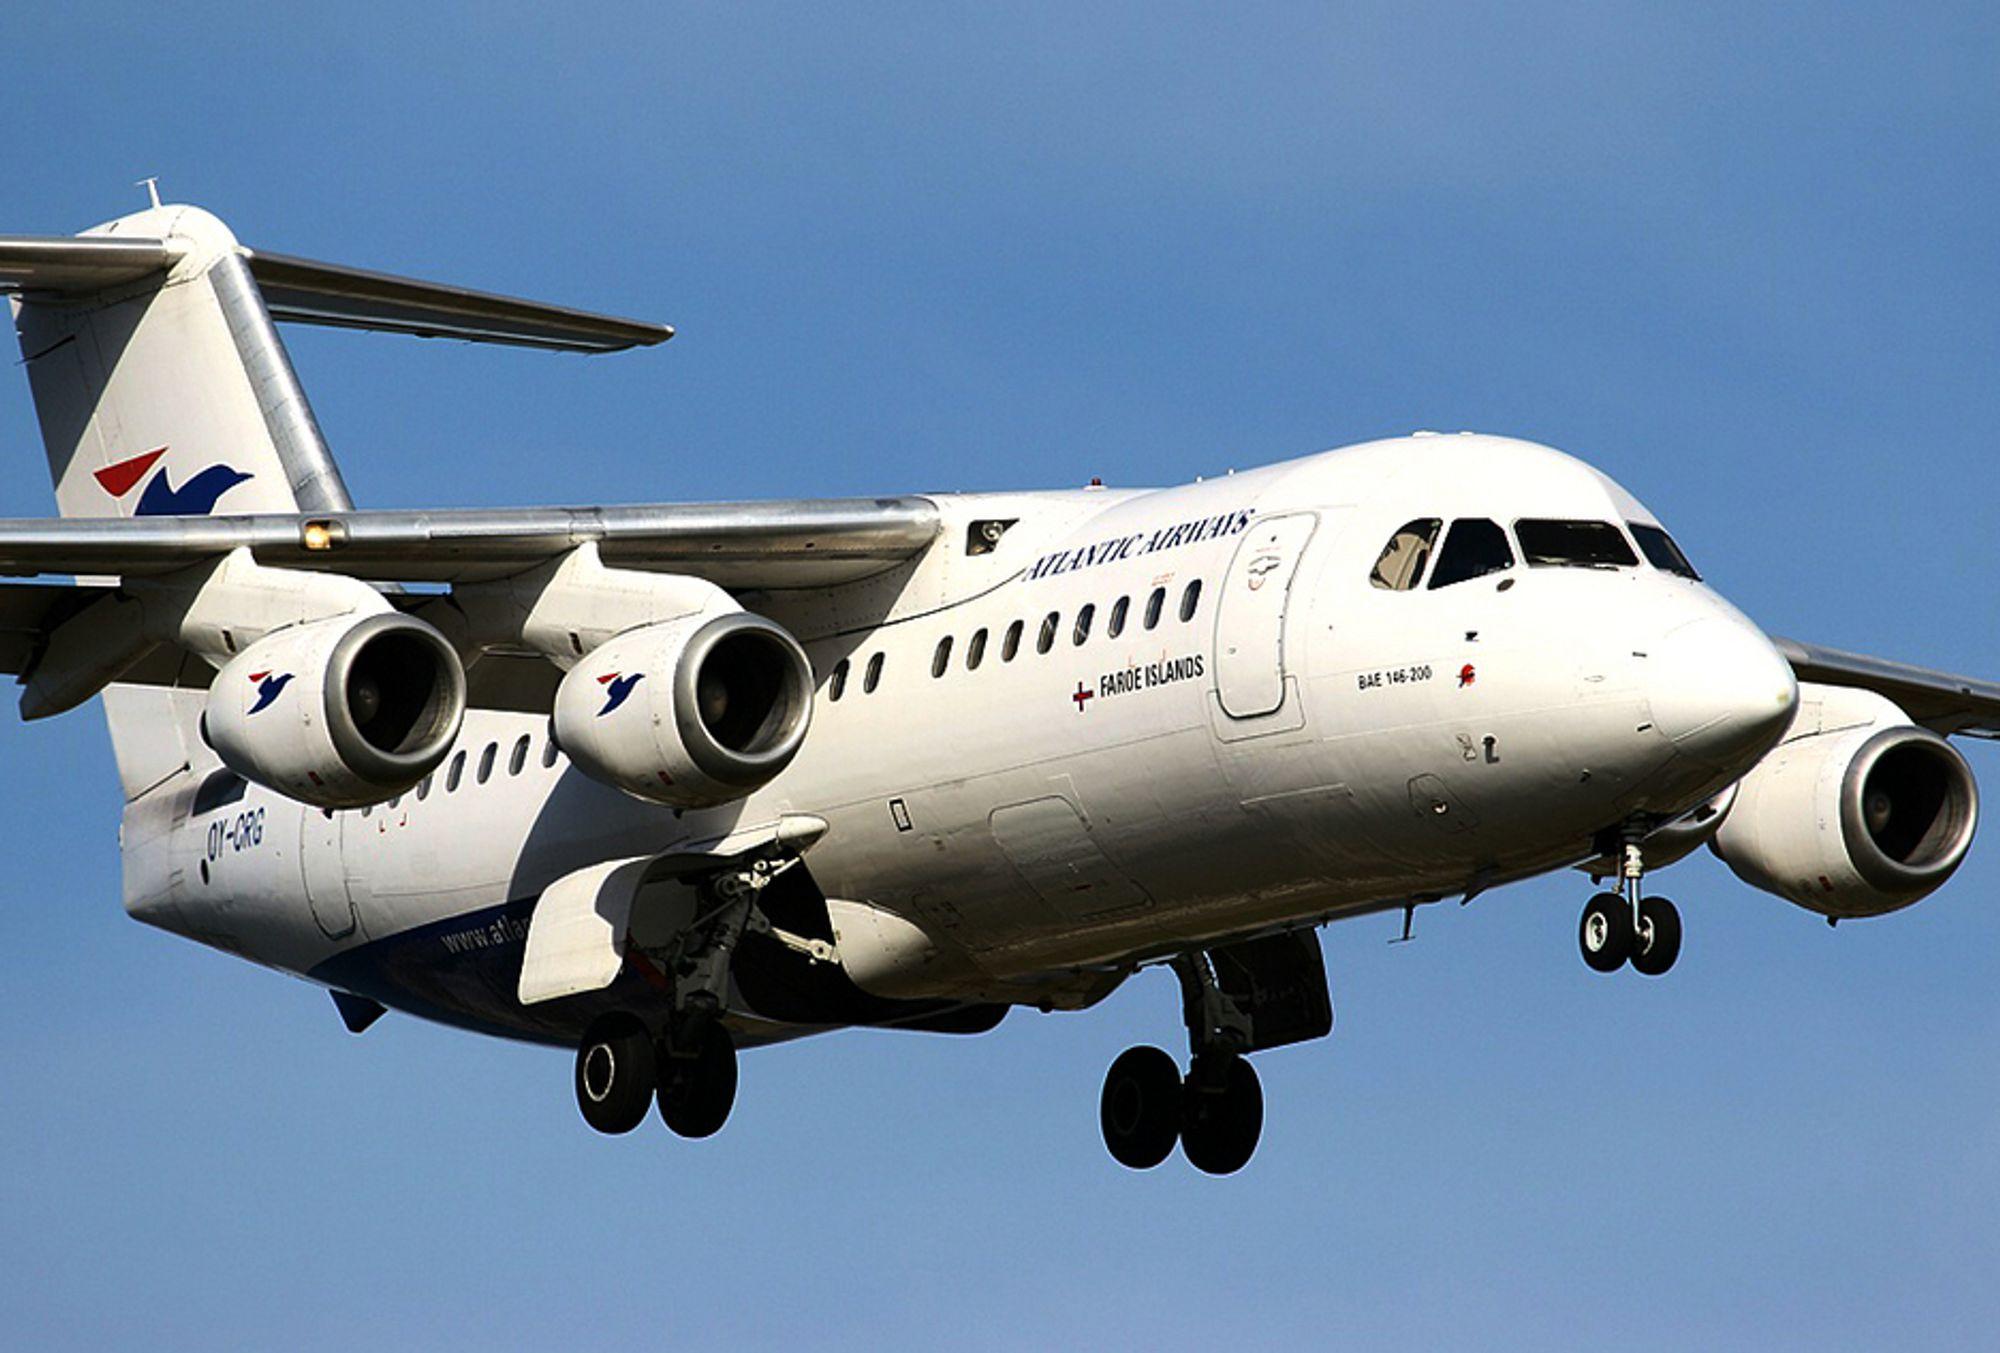 19 ÅR GAMMELT: Atlantic Airways-flyet var av typen British Aerospace BAe 146-200. Det ble bygd i 1987 og levert til flyselskapet i mars 1988.